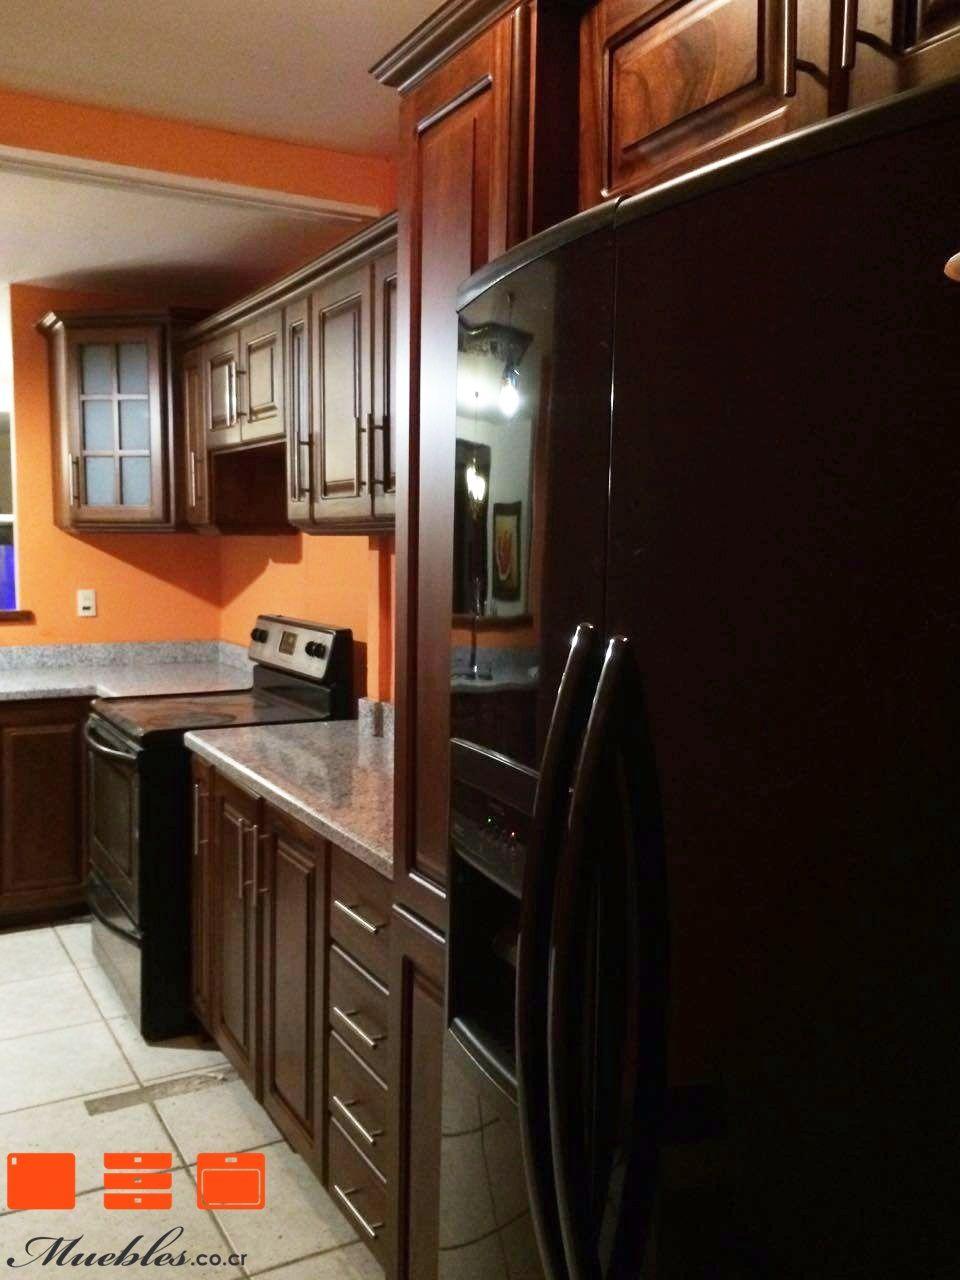 Mueble de cocina con cocina, refrigerador y pileta empotrados ...